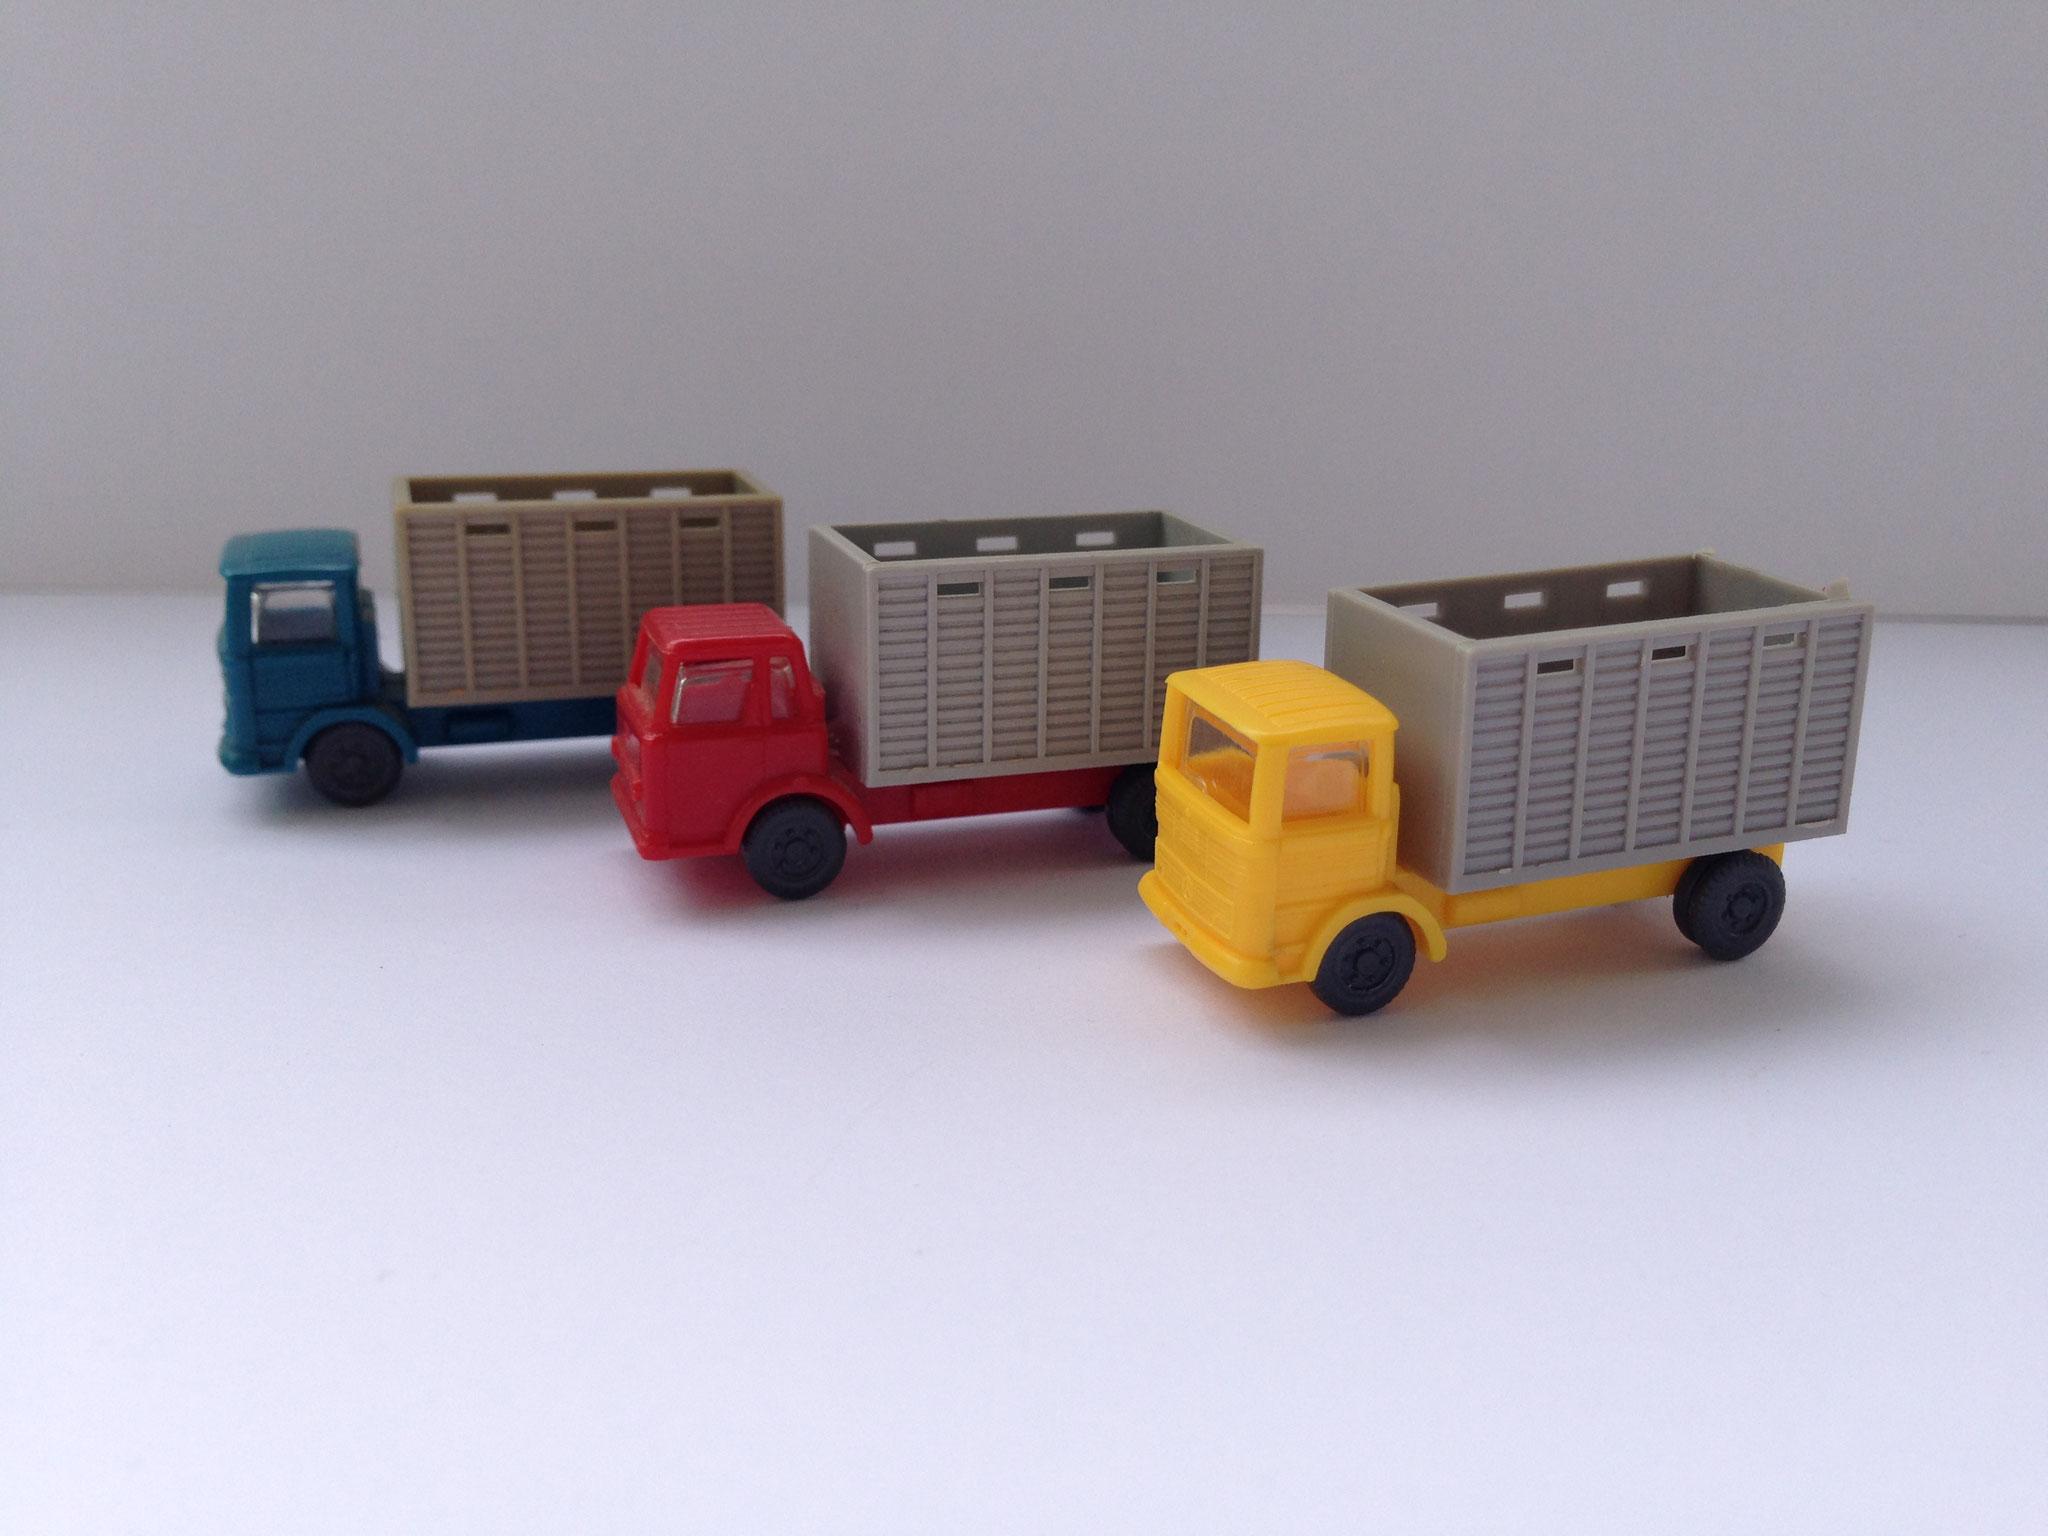 MB und IHC je als Viehtransporter, Art. Nr. 915 (ab 1969 im Programm)